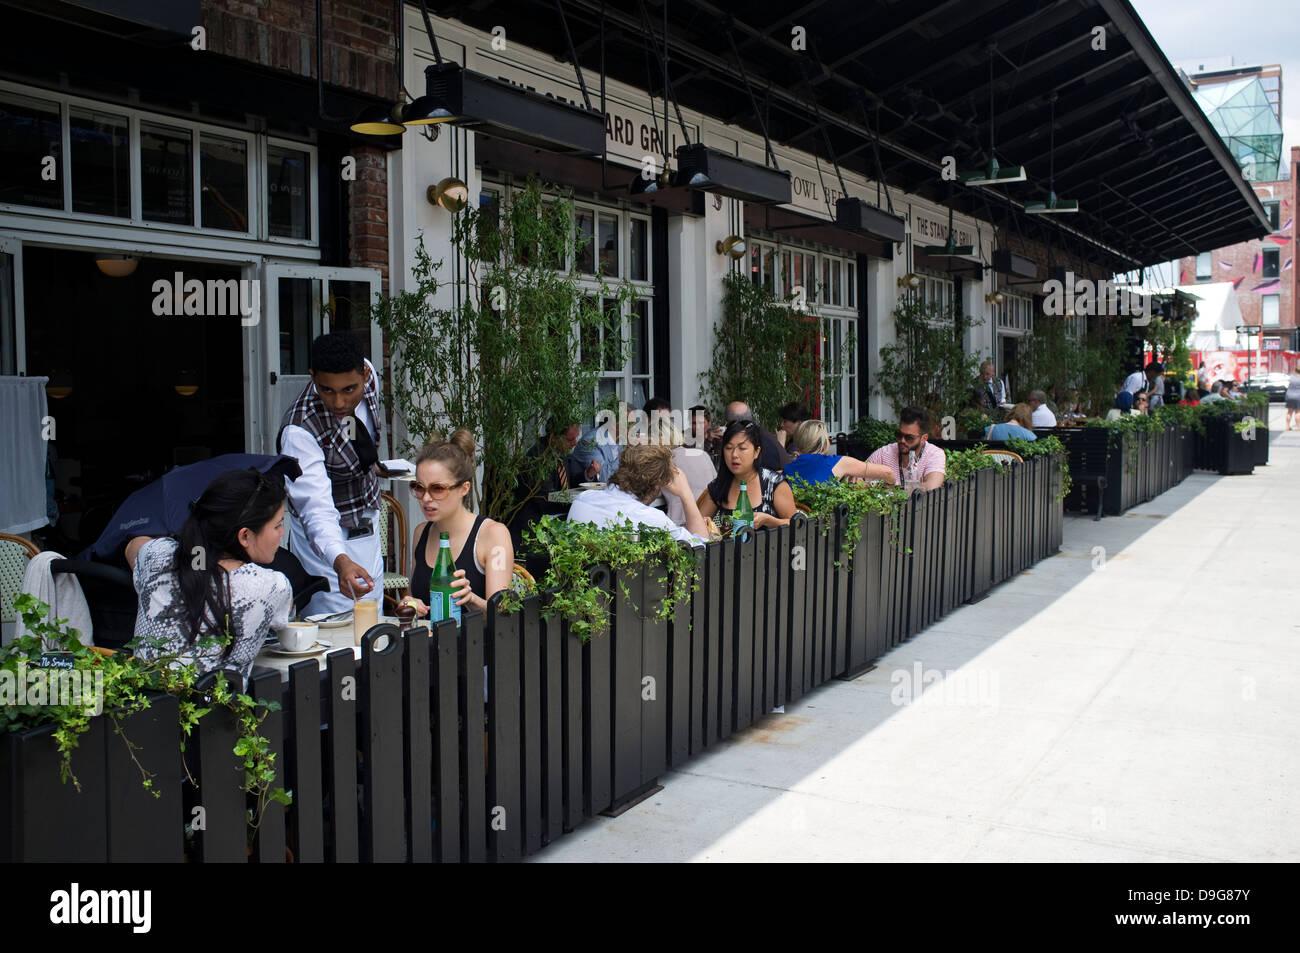 Die Standard Grill Restaurant Meatpacking District Manhattan New